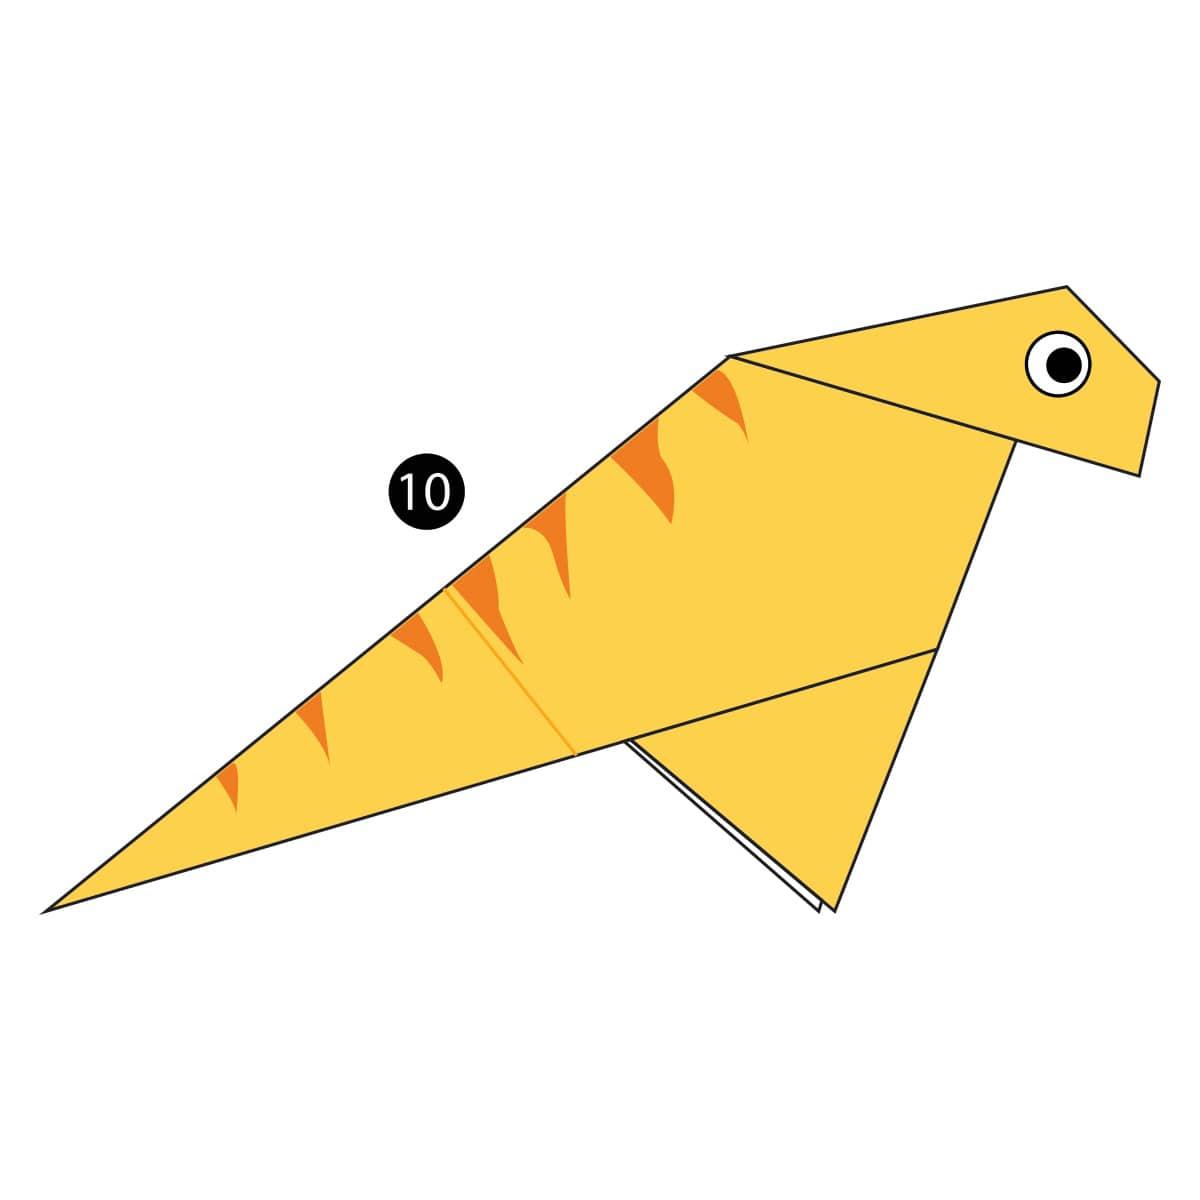 Iguanodon Step 10